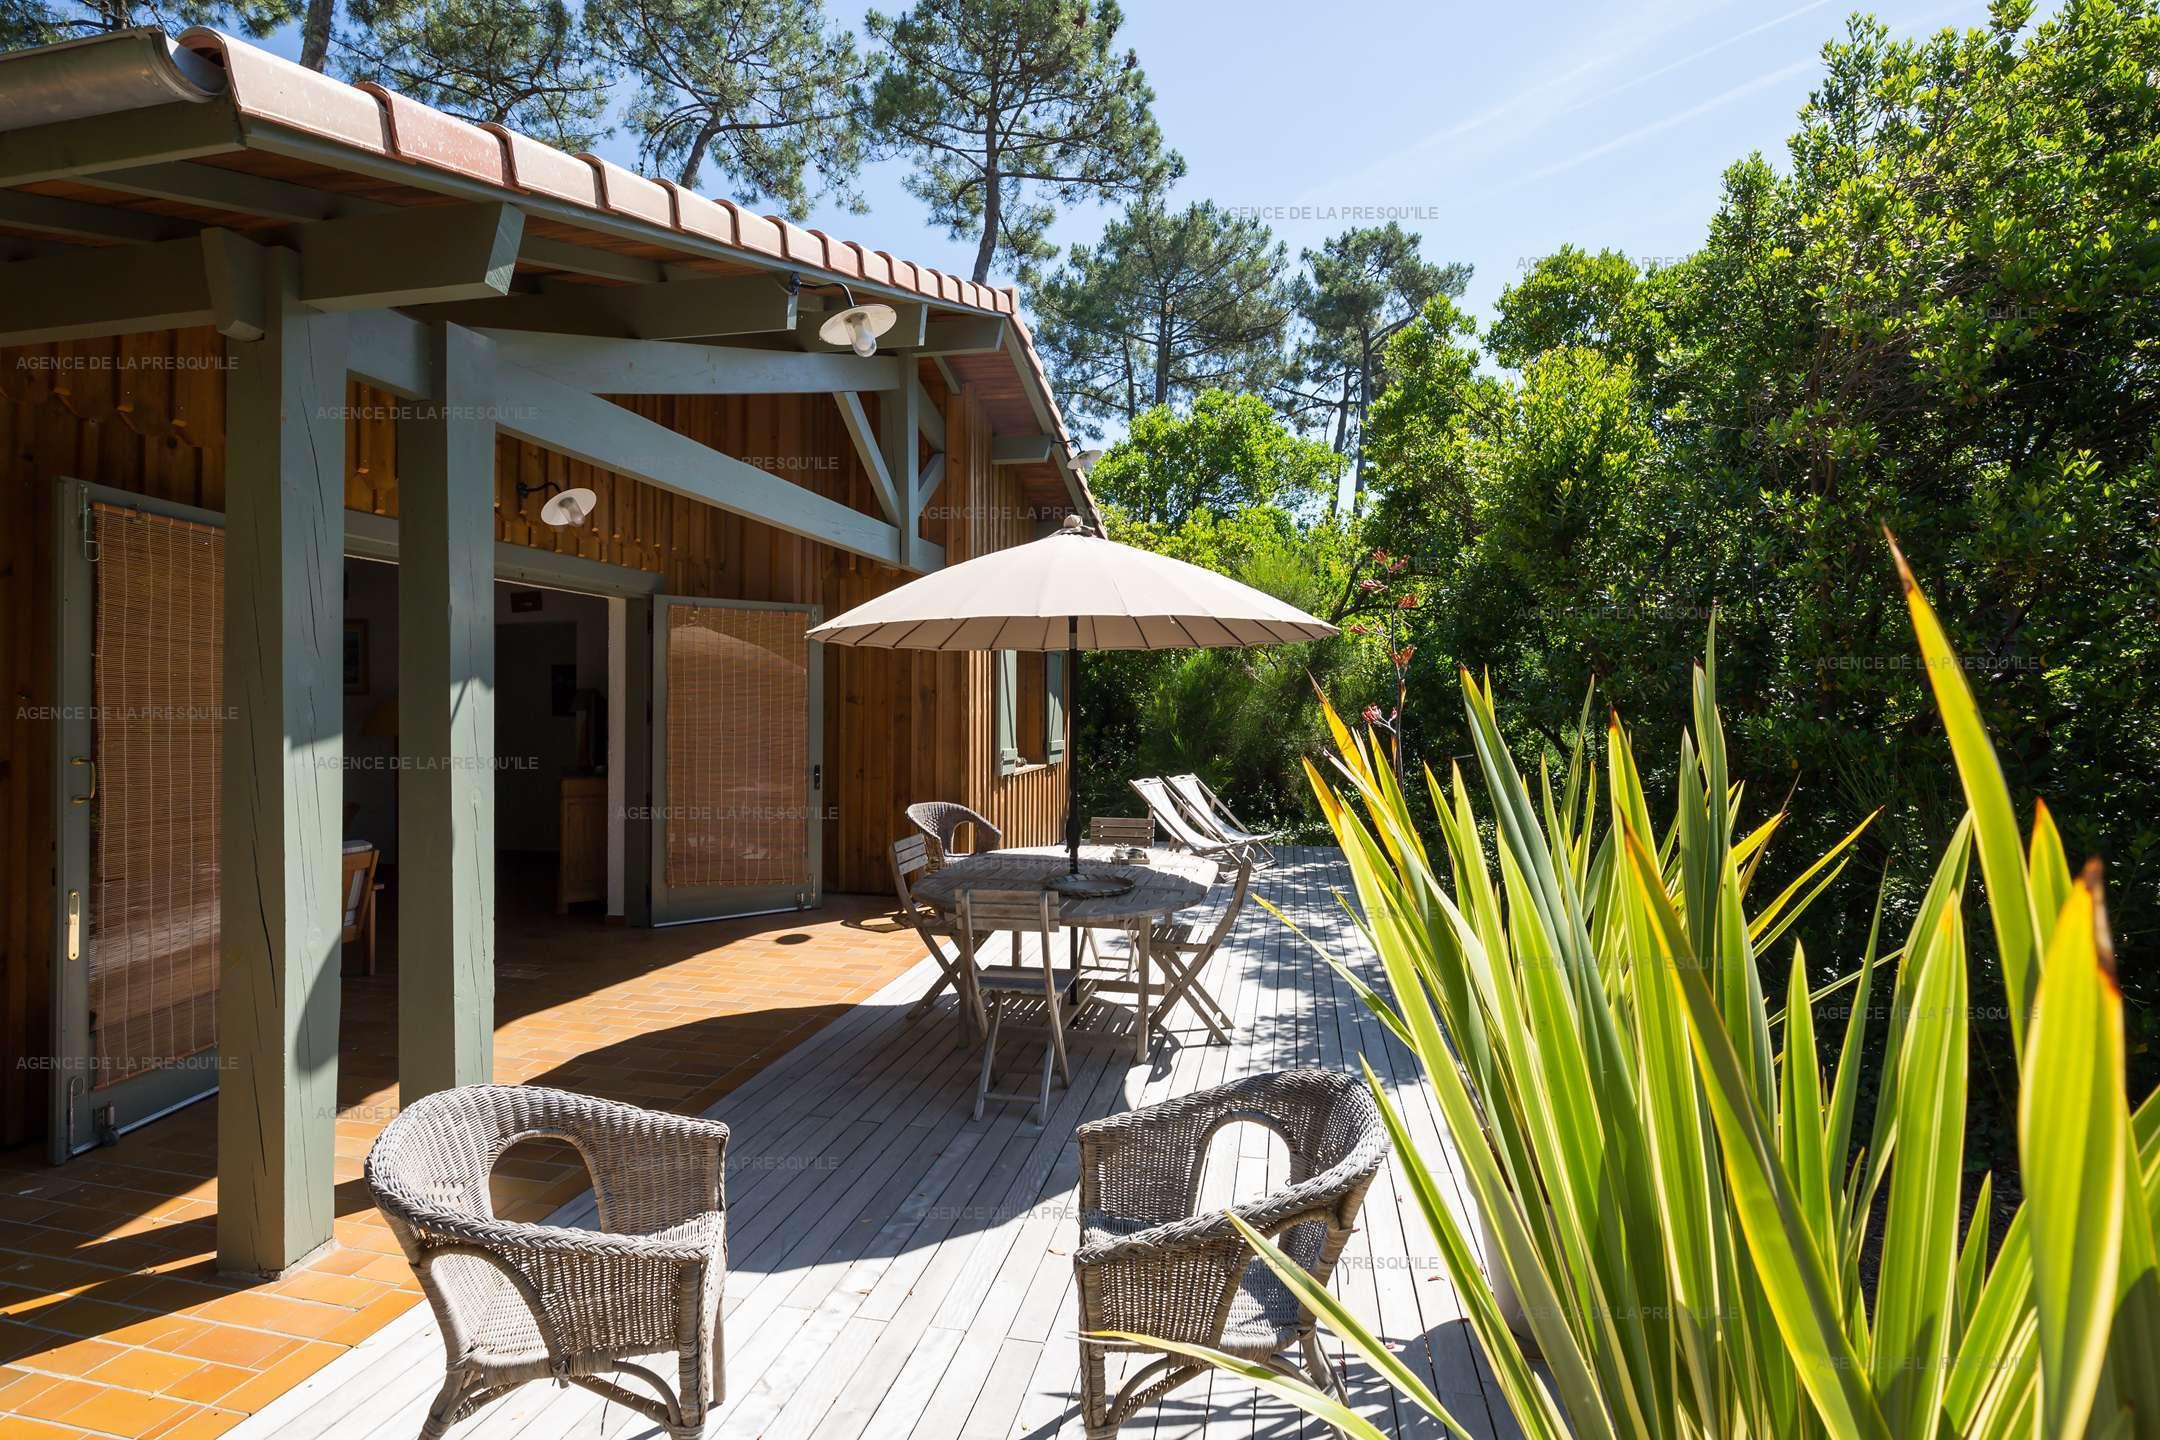 Location: Très agréable villa située au mimbeau 9